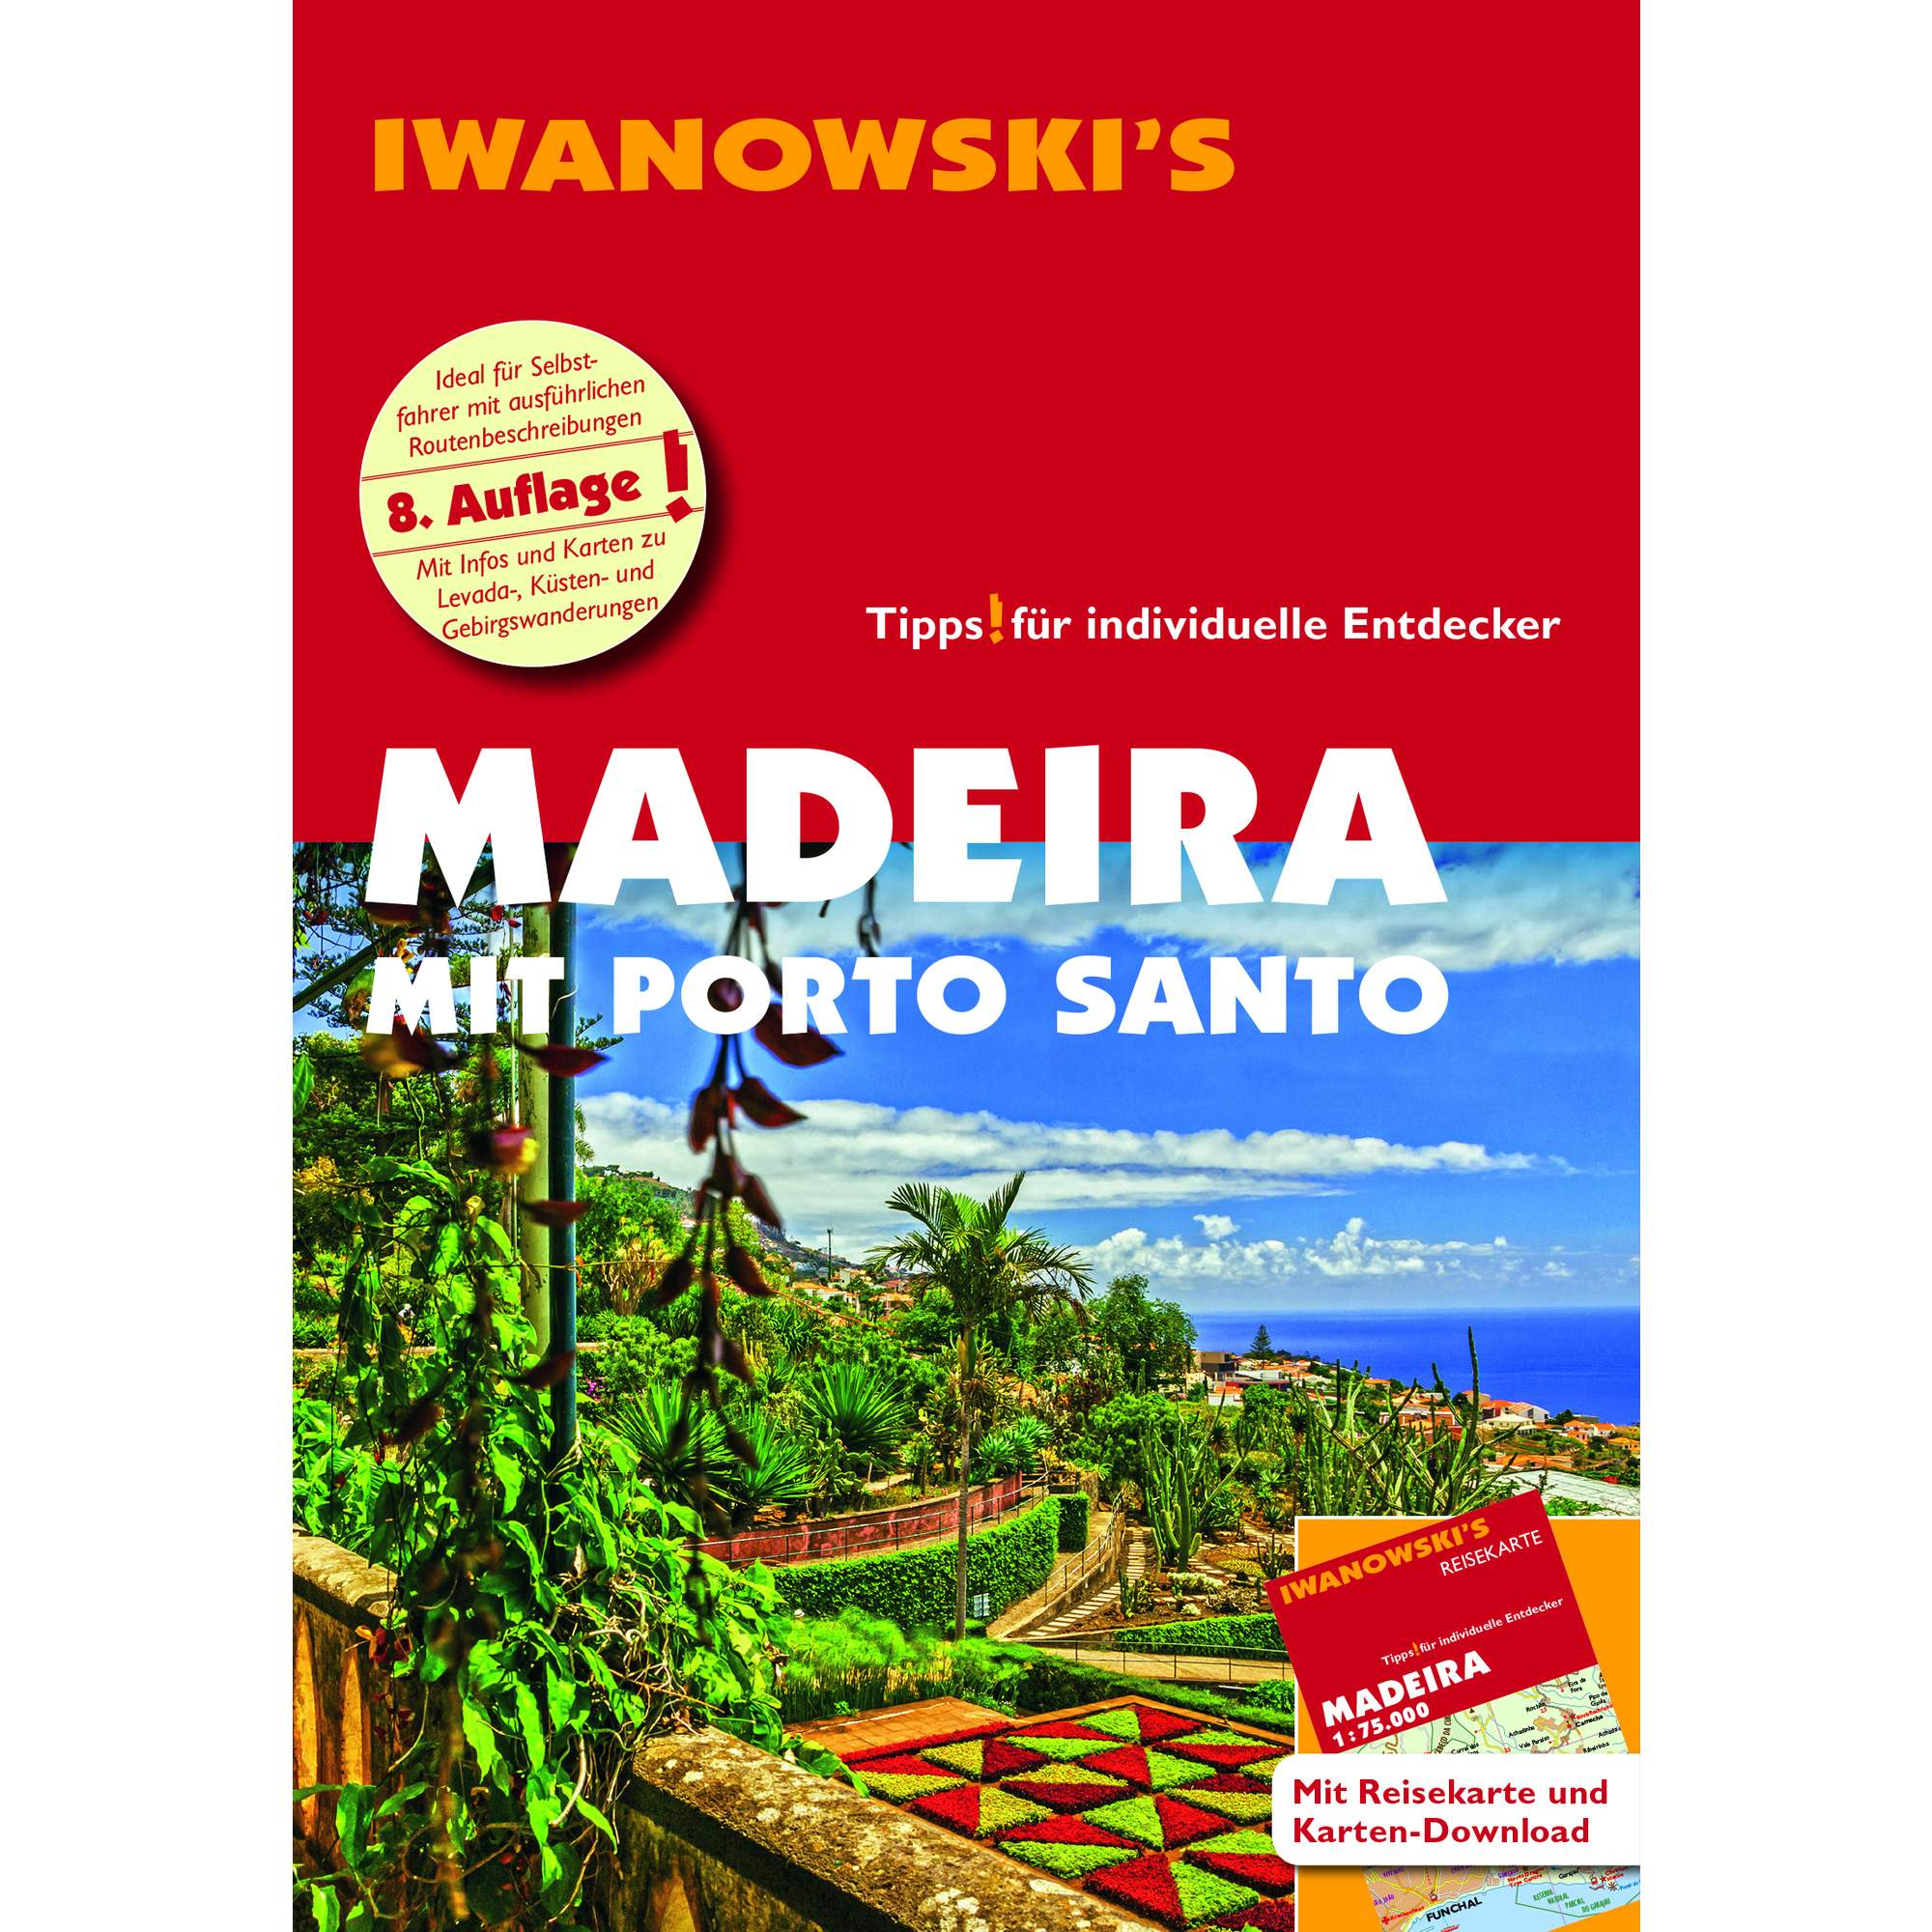 IWANOWSKI MADEIRA MIT PORTO SANTO, 16,95 Euro